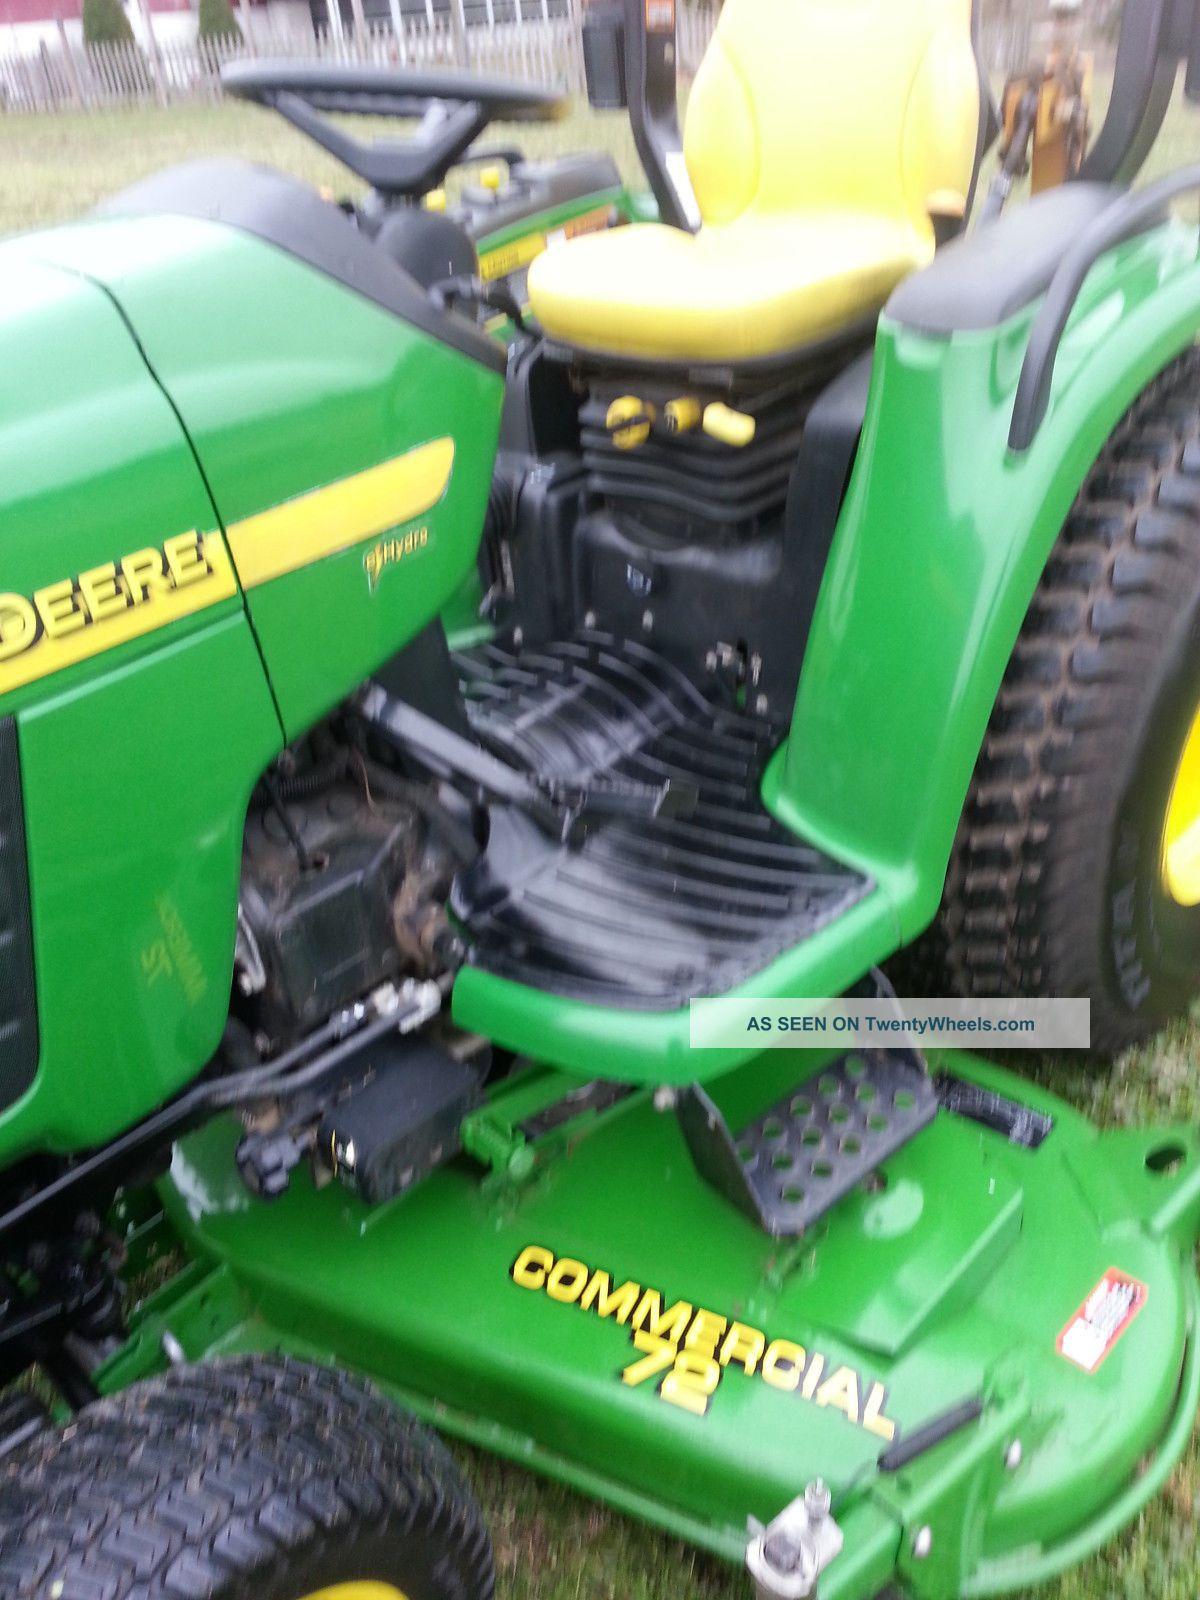 John Deere 4210 Compact Tractor Tractors photo 3